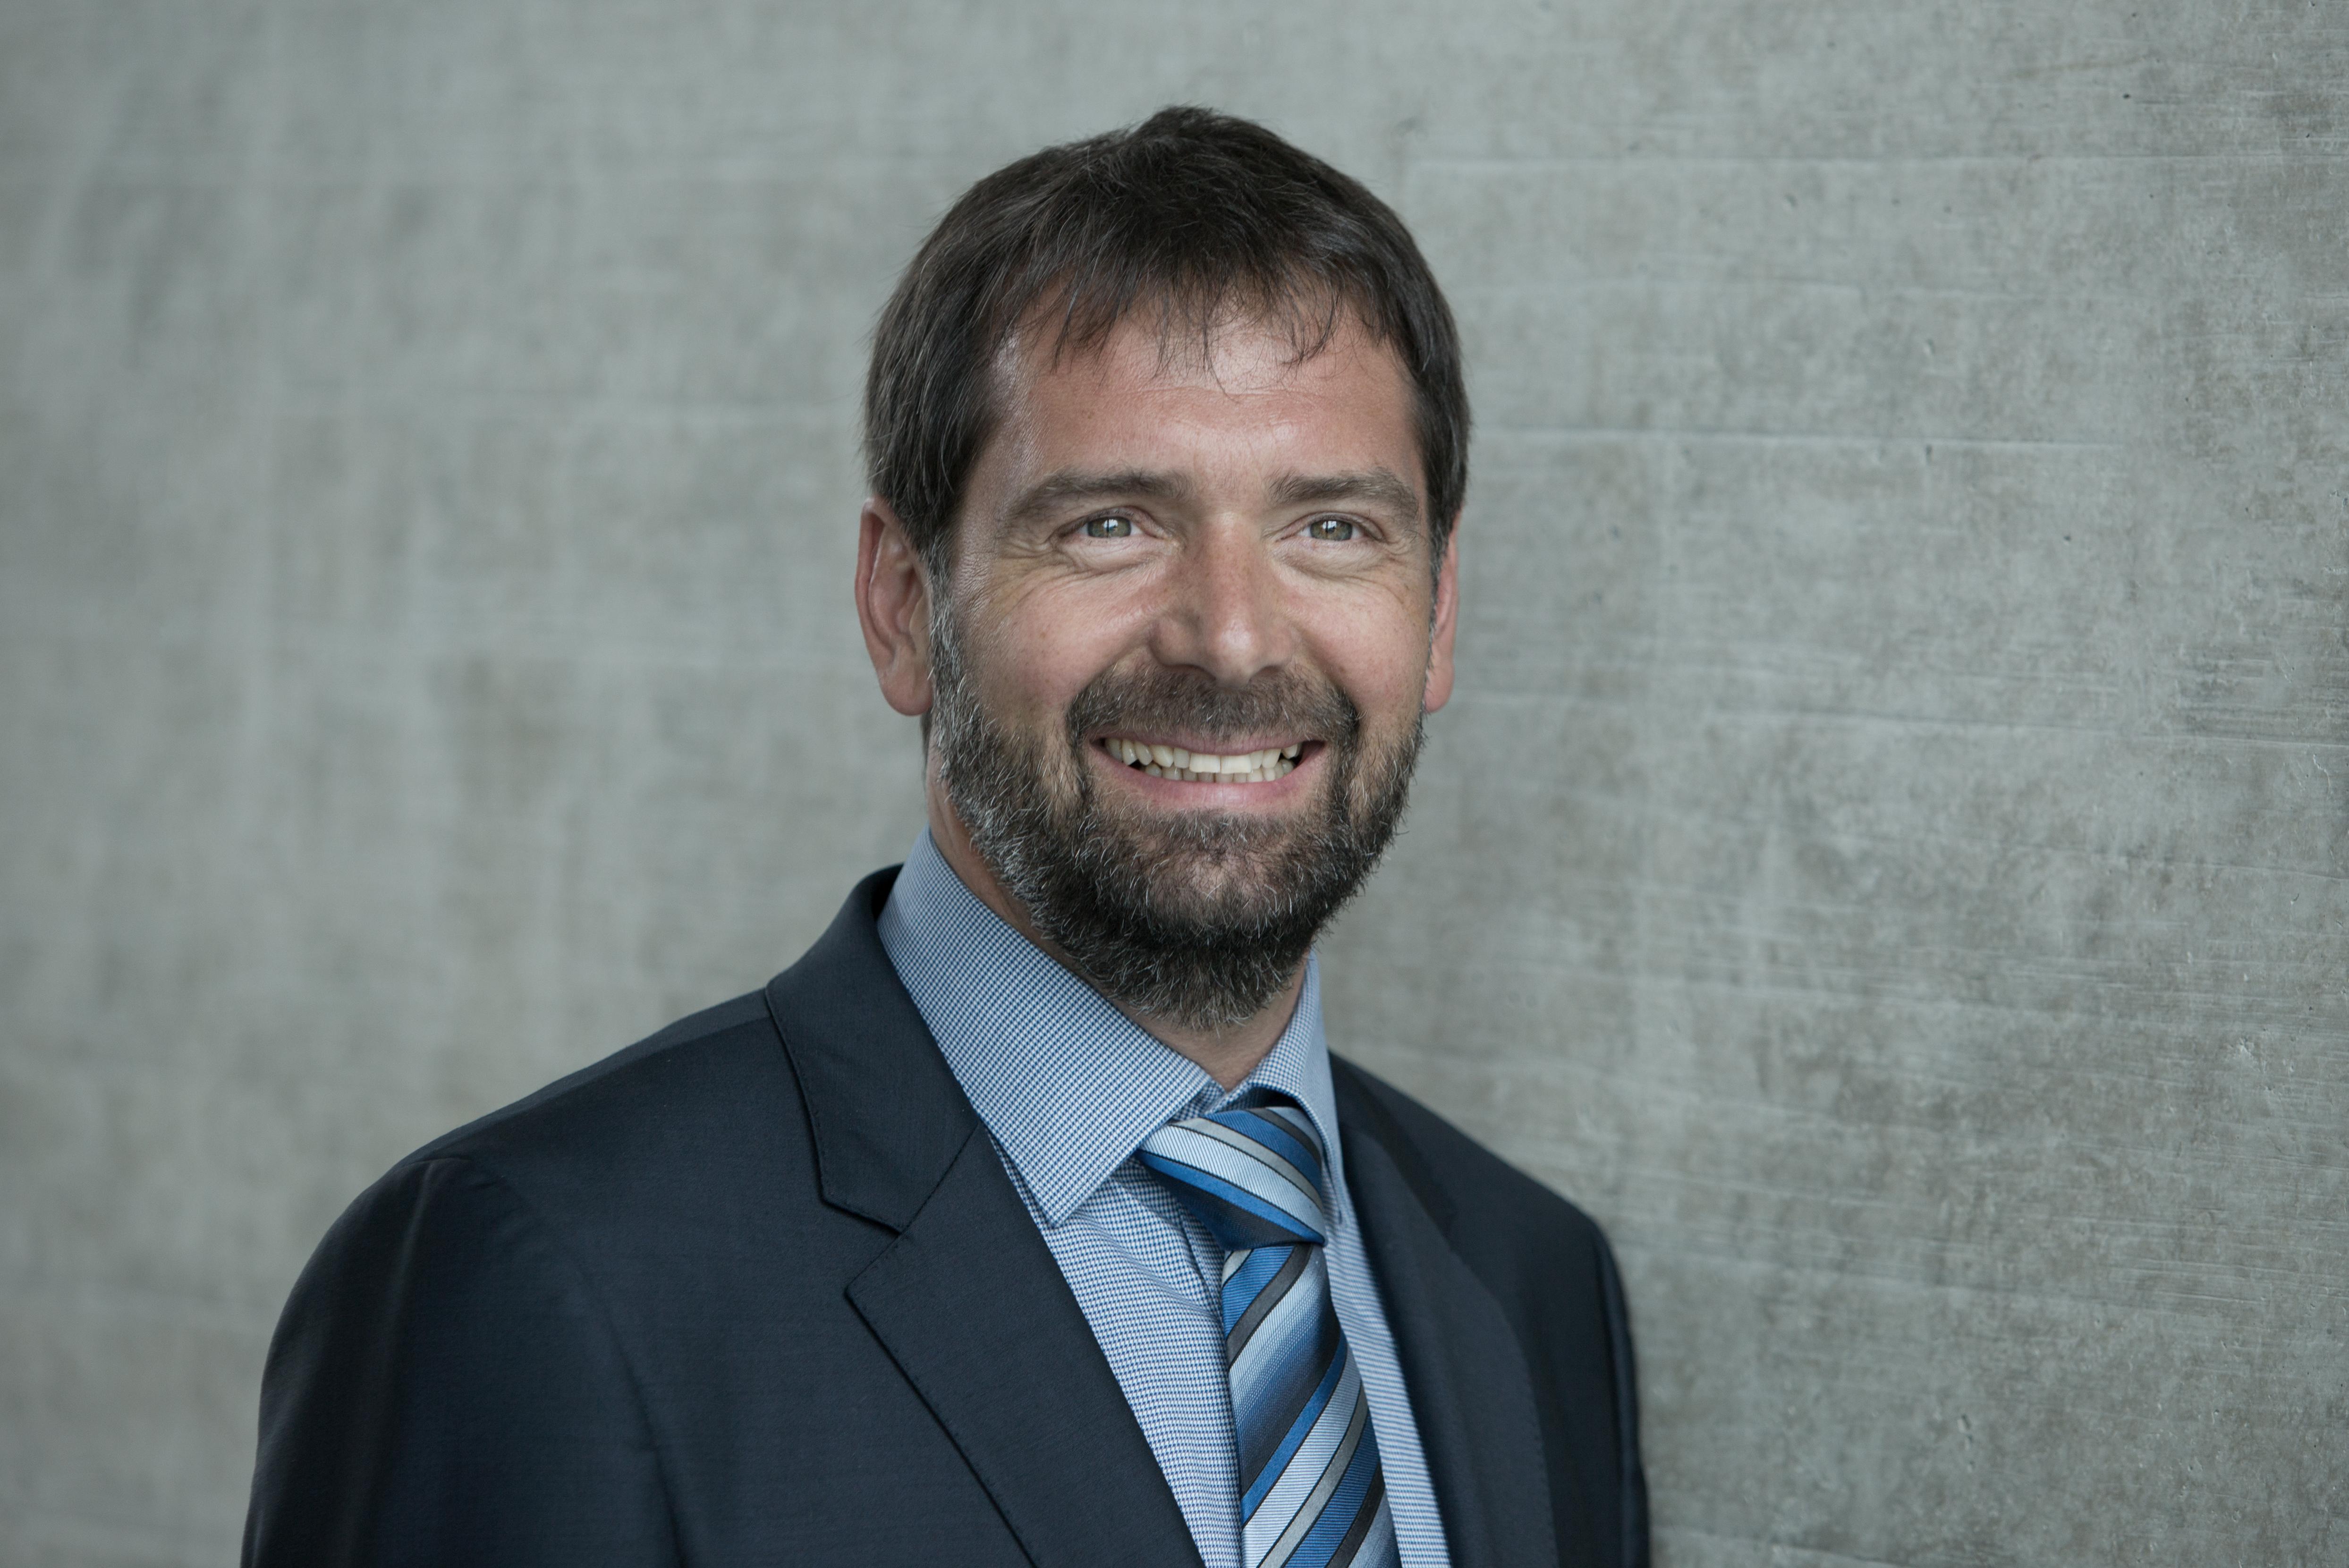 Markus Weishaupt, Geschäftsführender Gesellschafter von Weissman International